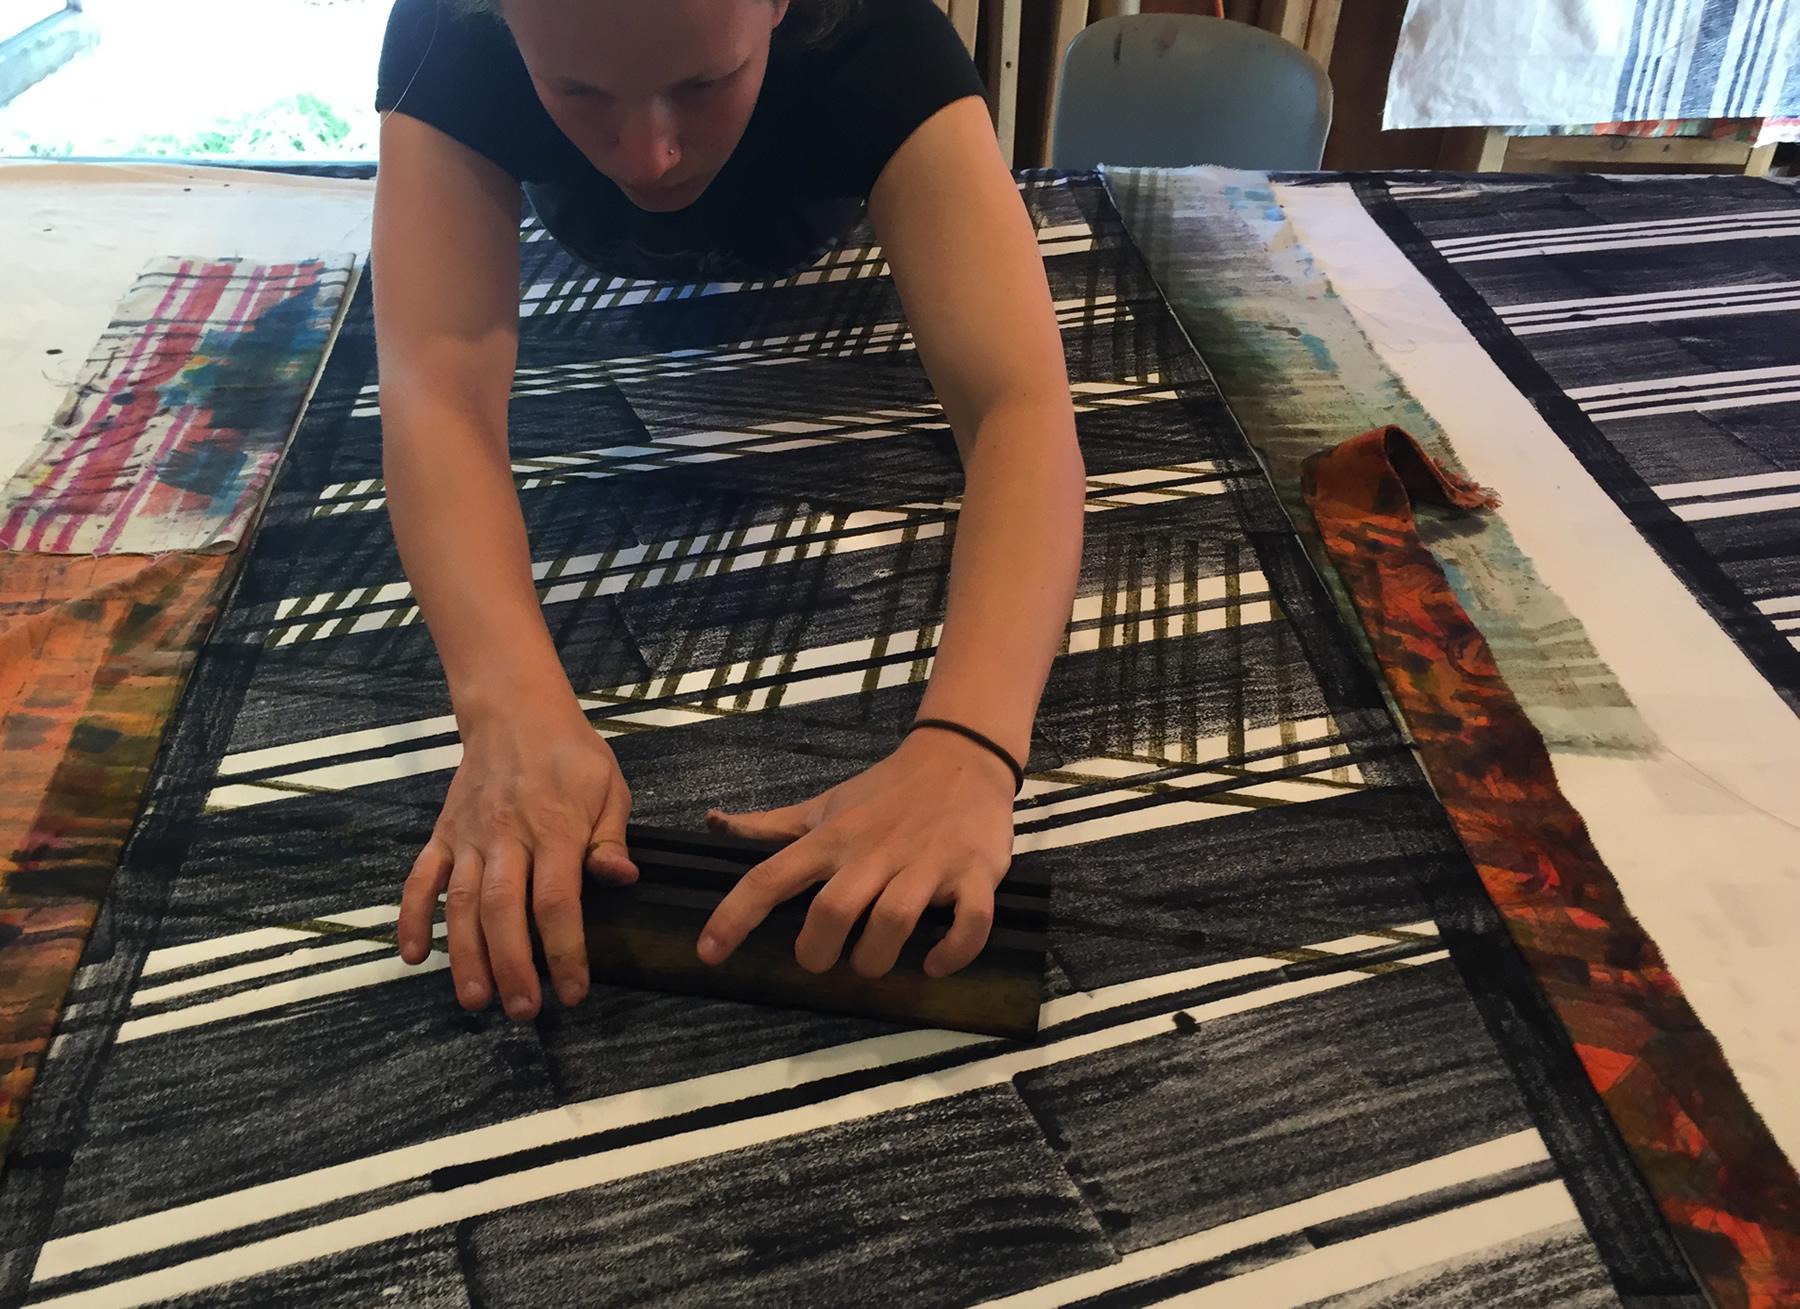 Miriam Dym 2 h-stretchprint-2015